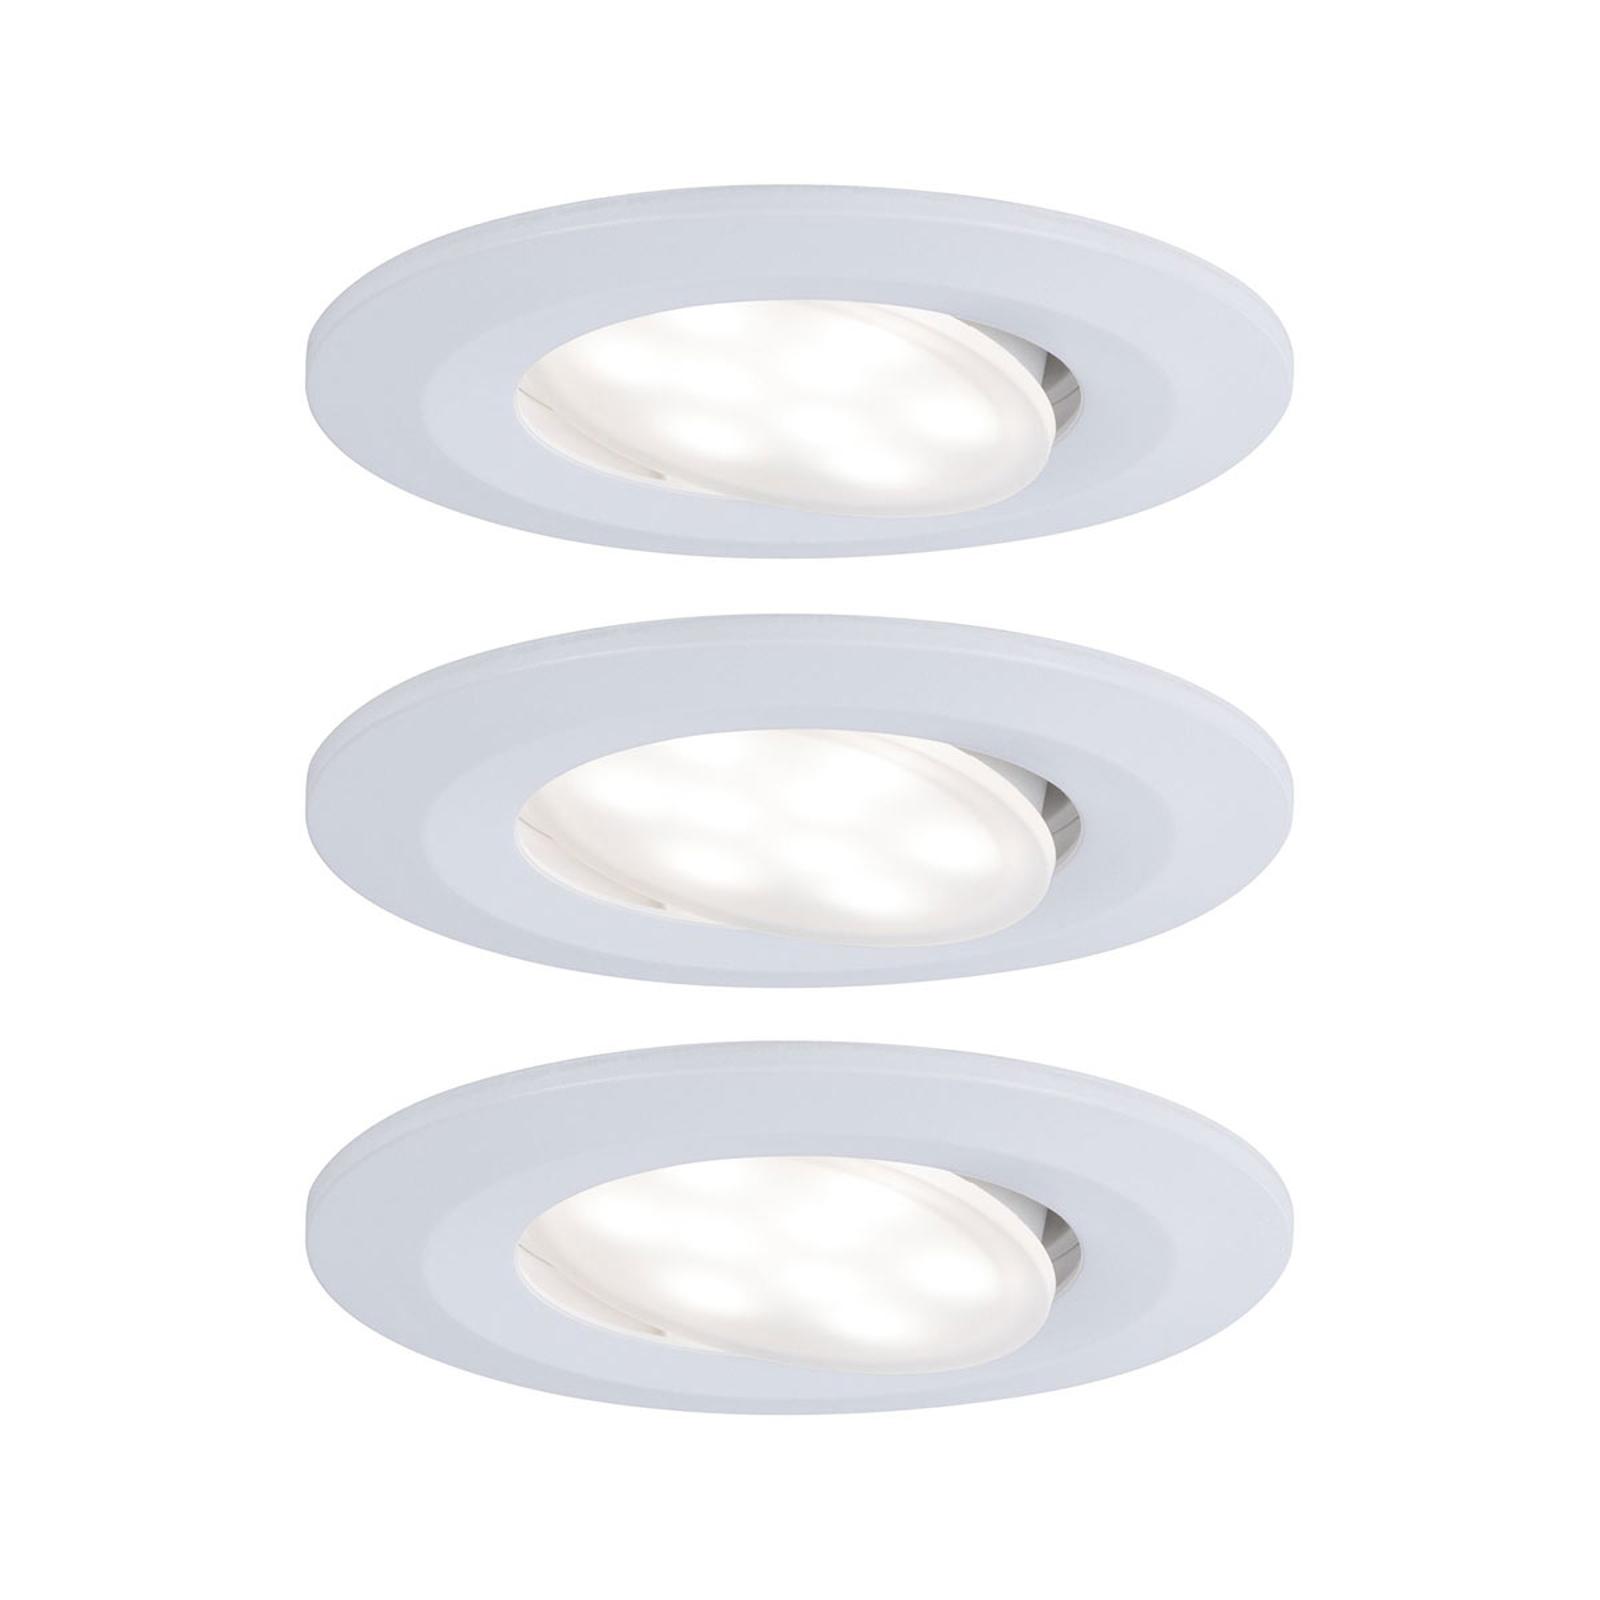 Paulmann LED-spot Calla dimbar 3-pack vit